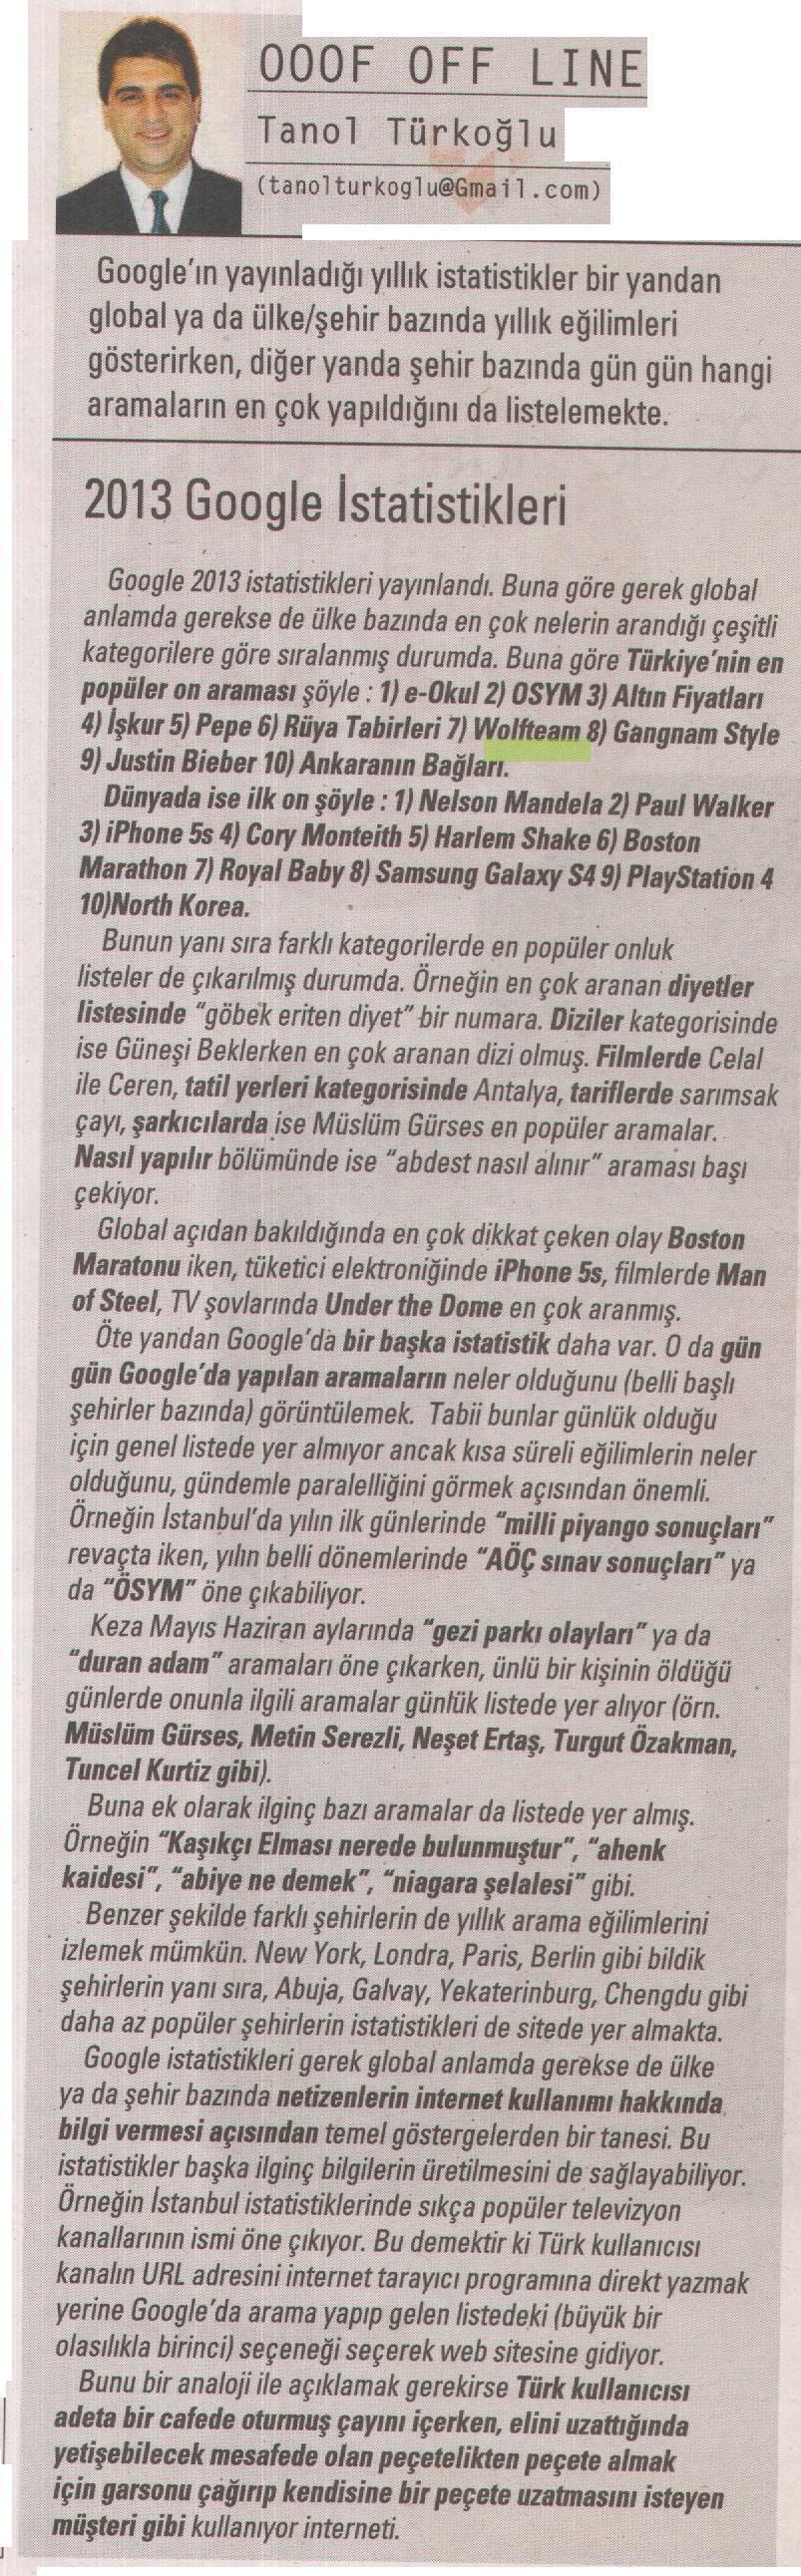 Netmarble-Turkey-Cumhuriyet-Gazetesi-Bilim-Teknik-Eki-Sayfa-12-27-Aralik-2013